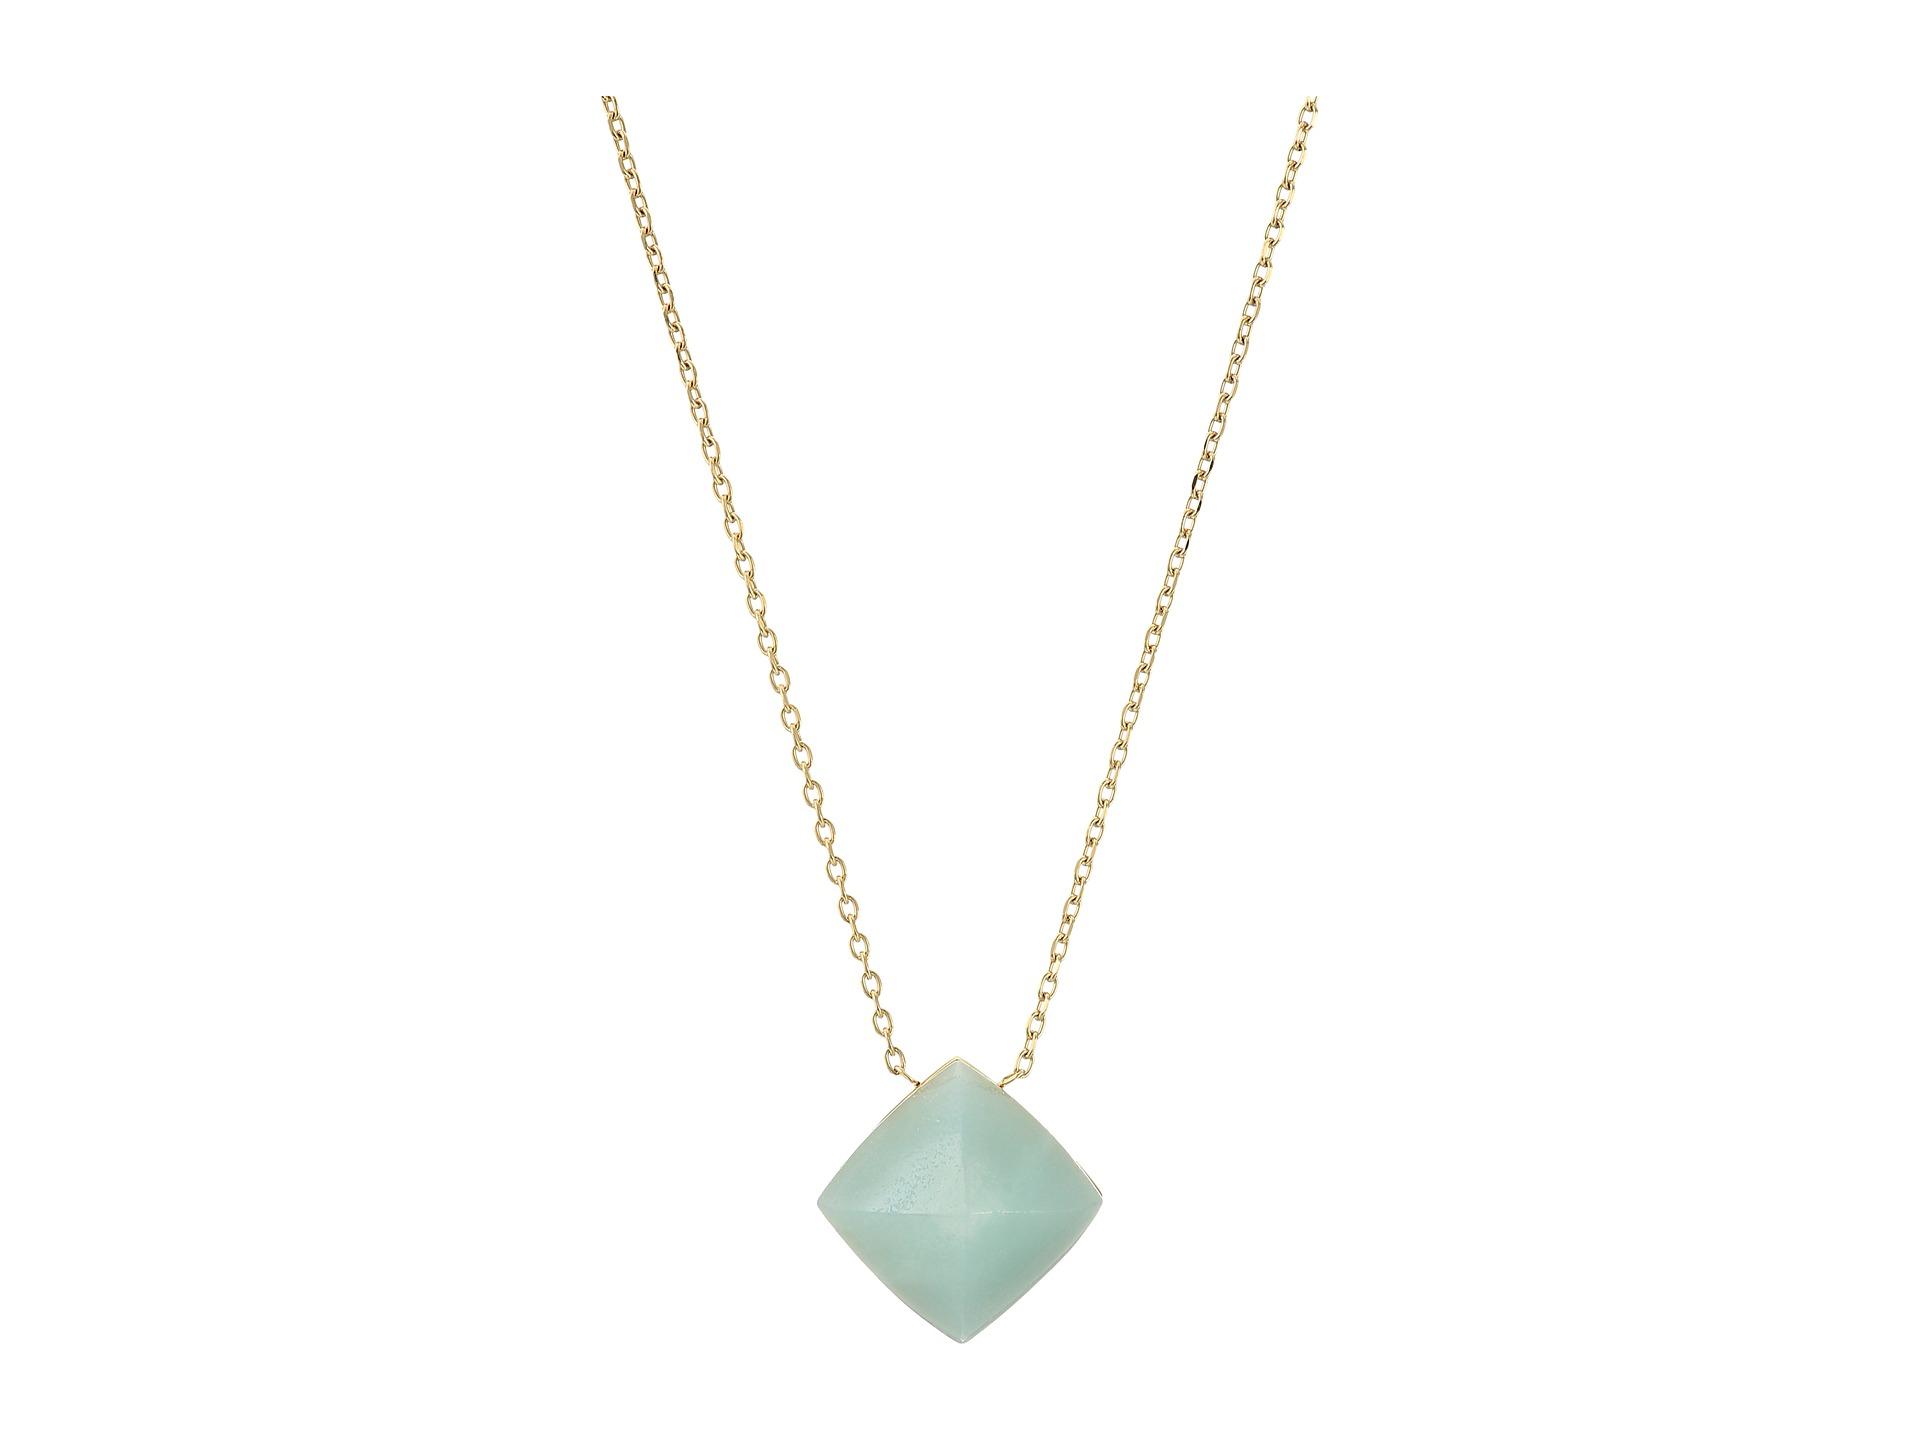 michael kors blush semi precious pyramid pendant